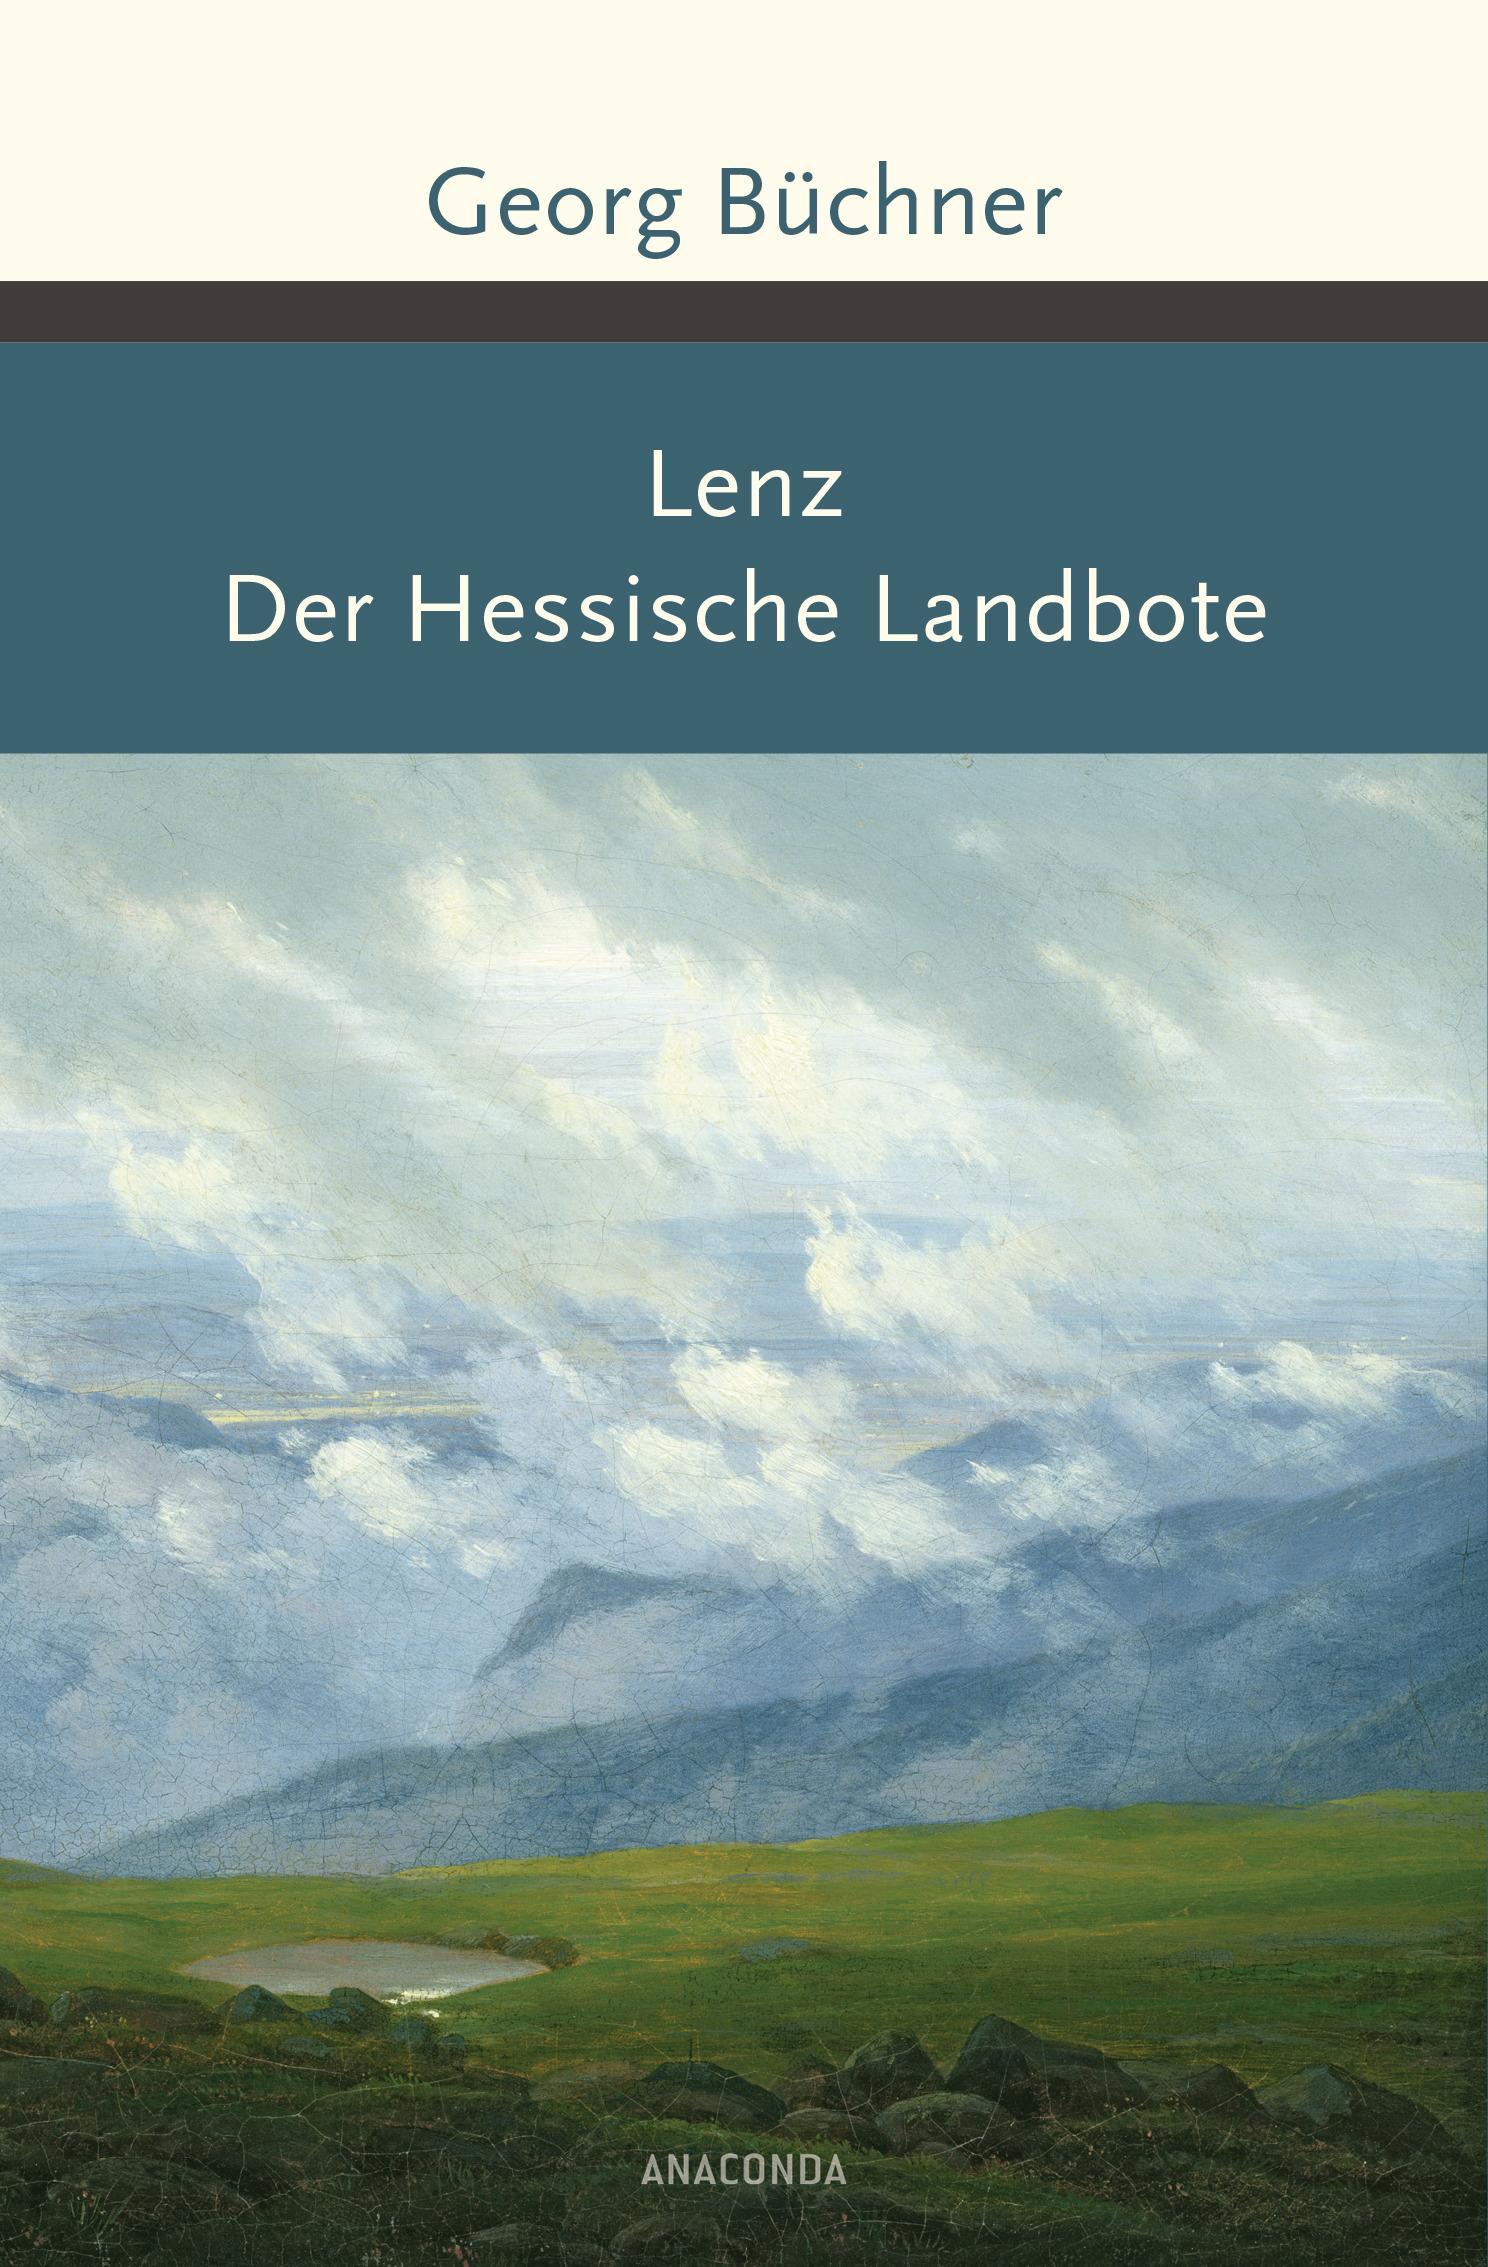 Lenz-Der-Hessische-Landbote-Georg-Buechner